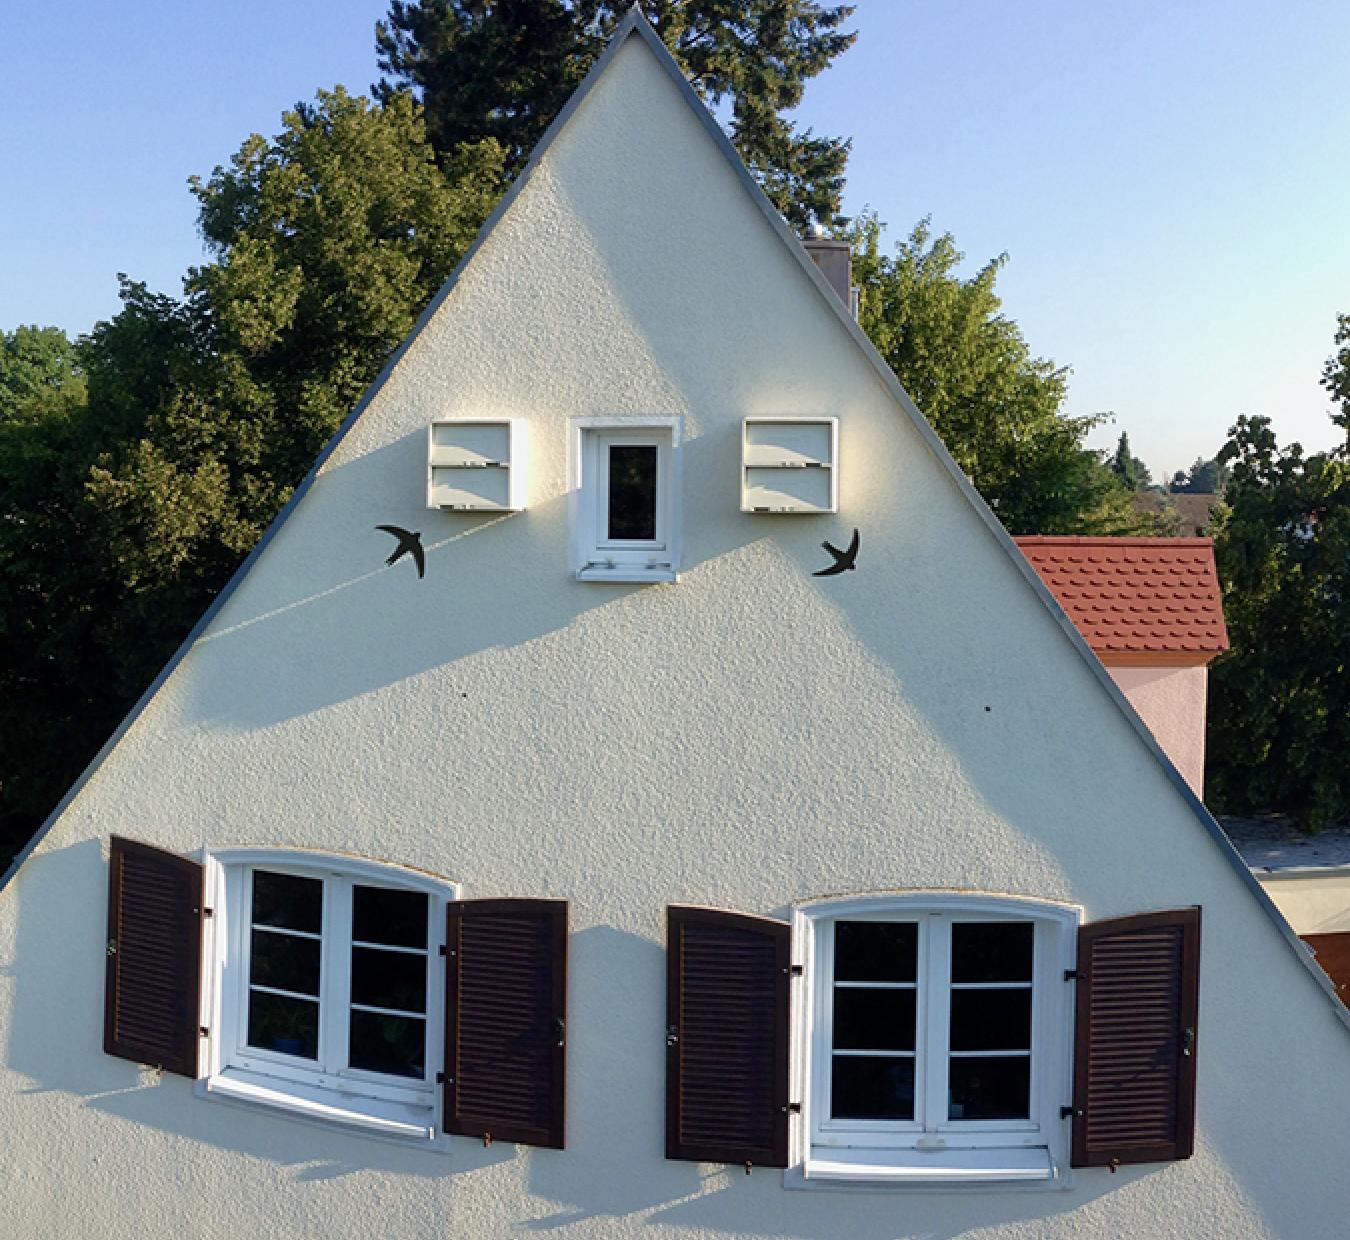 Mauerseglerkasten an gelber Hausfassade  mit Zeigevogel